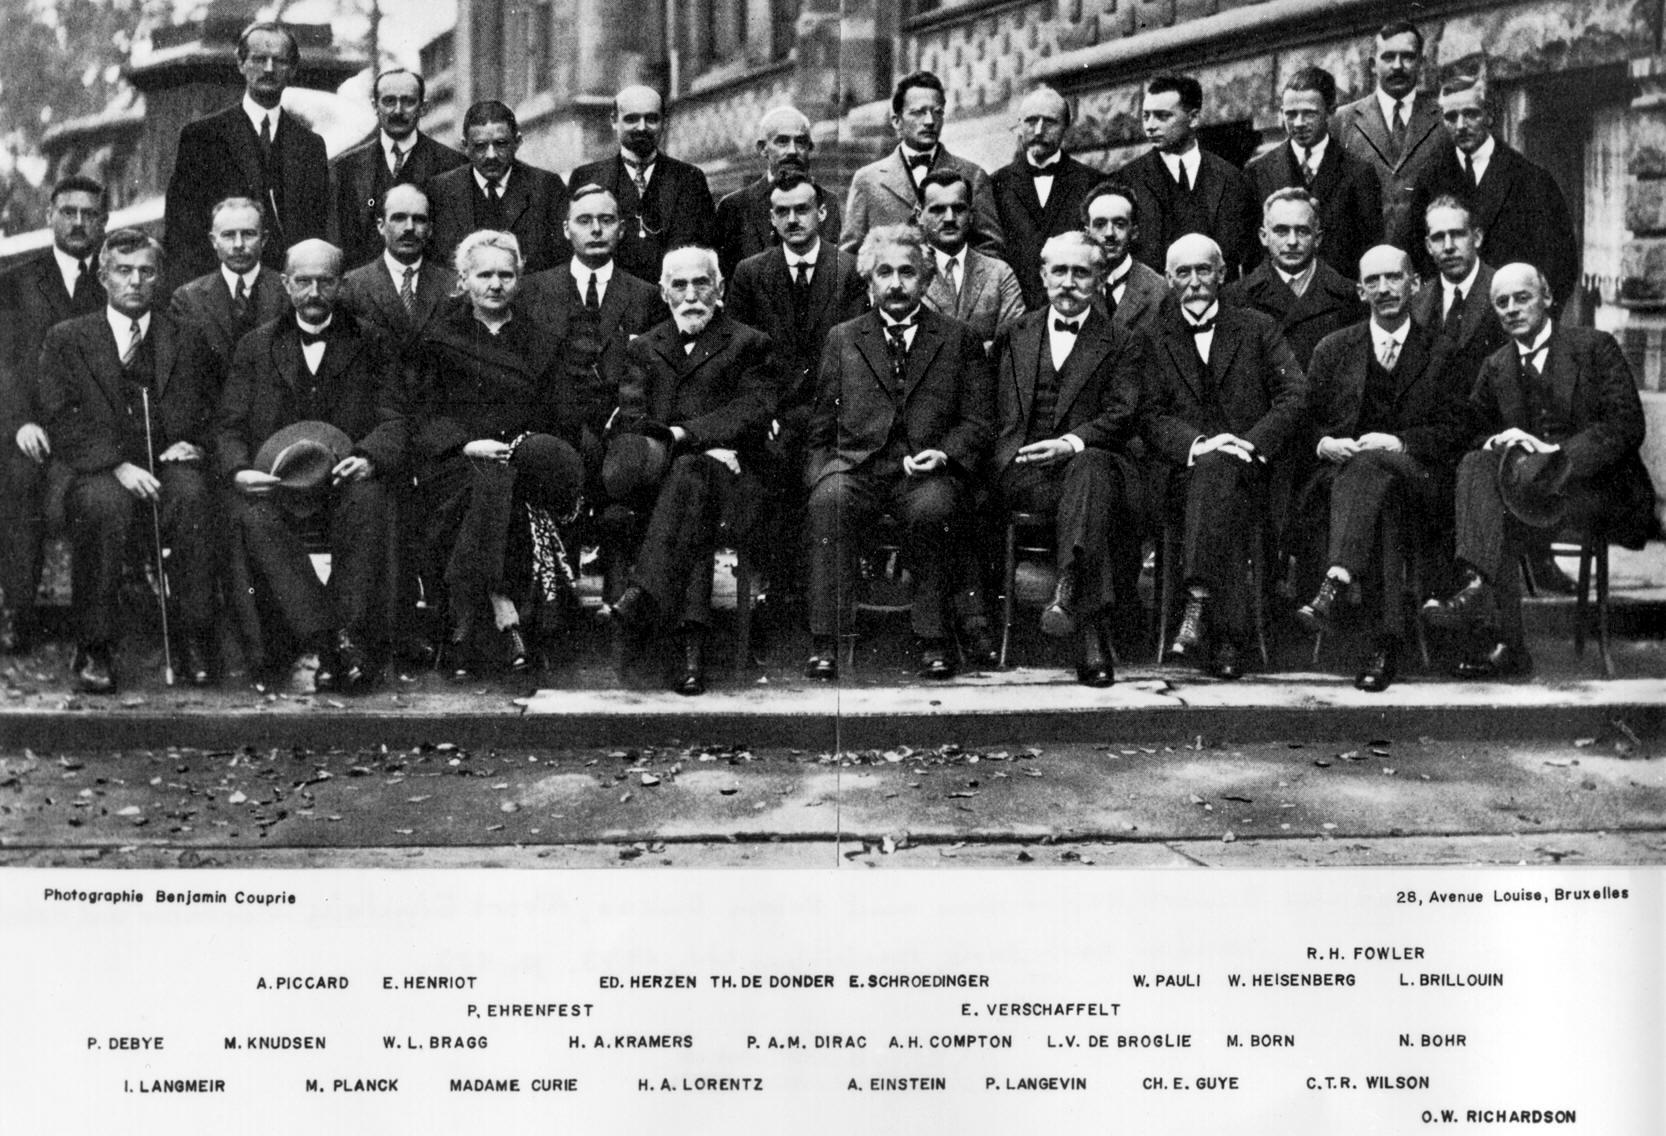 """Questa foto è stata scattata al V Congresso di Solvay su """"Elettroni e Fotoni"""" tenutosi a Bruxelles nell'ottobre del 1927. Dei ventinove personaggi raffigurati, diciassette erano o sarebbero diventati premi Nobel, ciò a dimostrazione dell'irripetibile periodo che per la Fisica furono gli Anni Venti."""